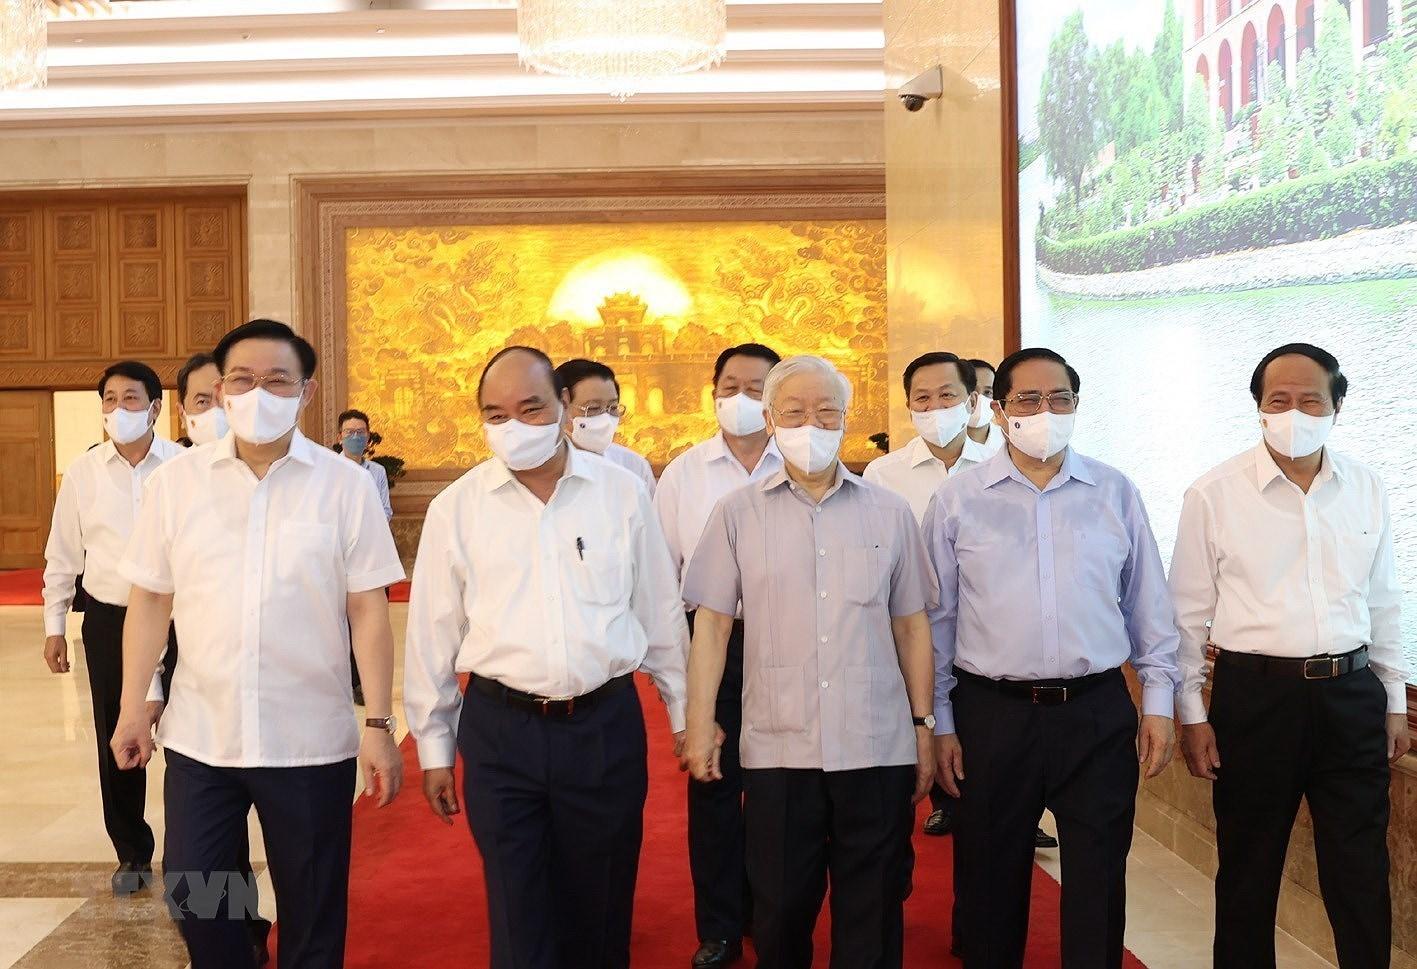 Tong Bi thu du Phien hop dau tien cua Chinh phu nhiem ky 2021-2026 hinh anh 3